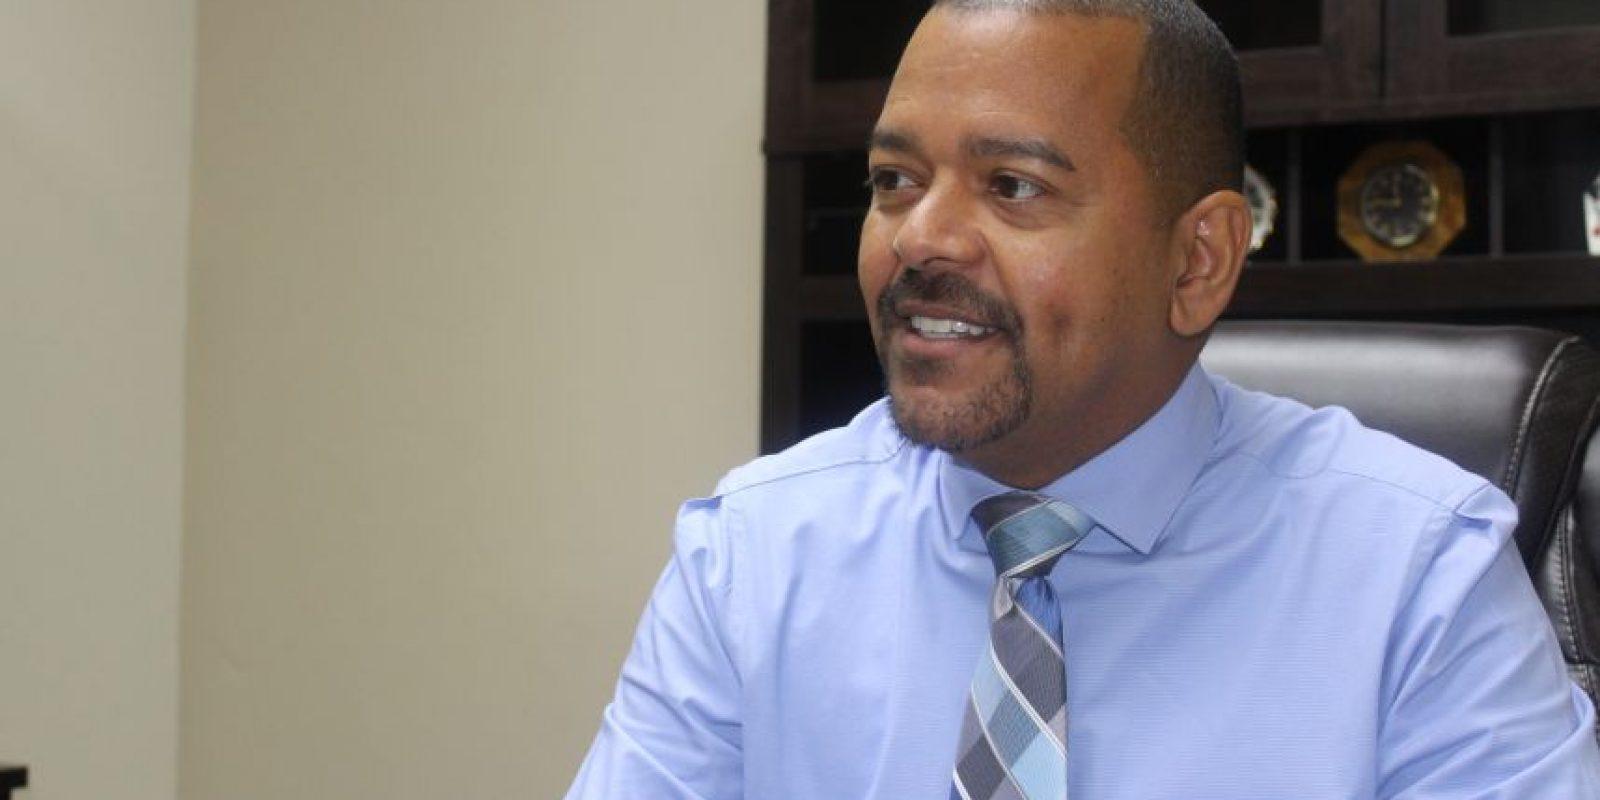 El doctor Juan Carlos Soto, presidente del Colegio de Profesionales de la Enfermería de Puerto Rico, en entrevista con Metro. Foto:David Cordero Mercado. Imagen Por: